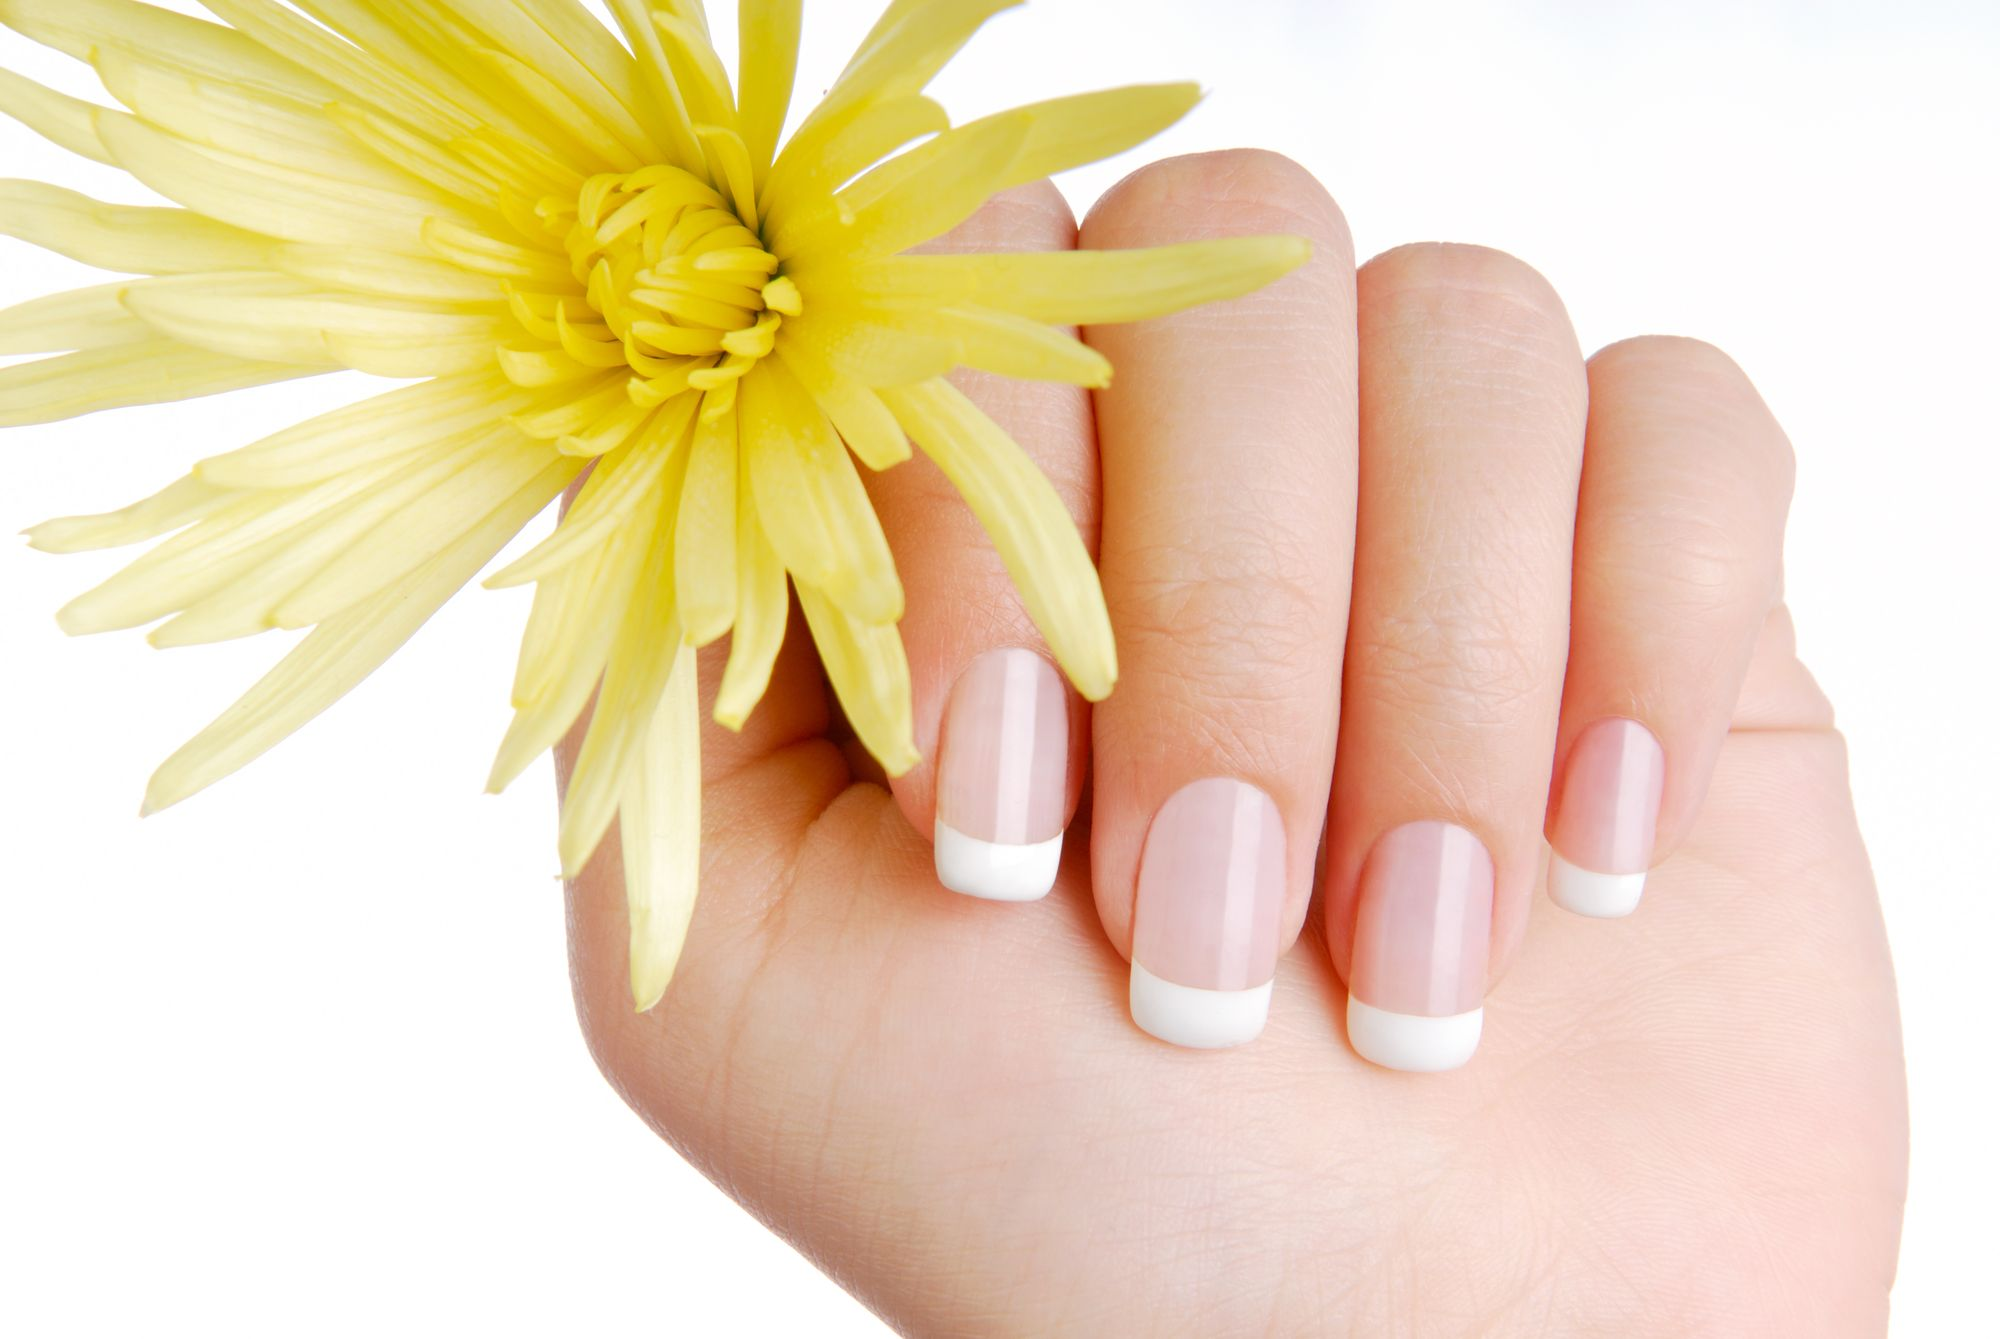 ¿Por qué se descaman nuestras uñas? Descubre sus causas y soluciones naturales